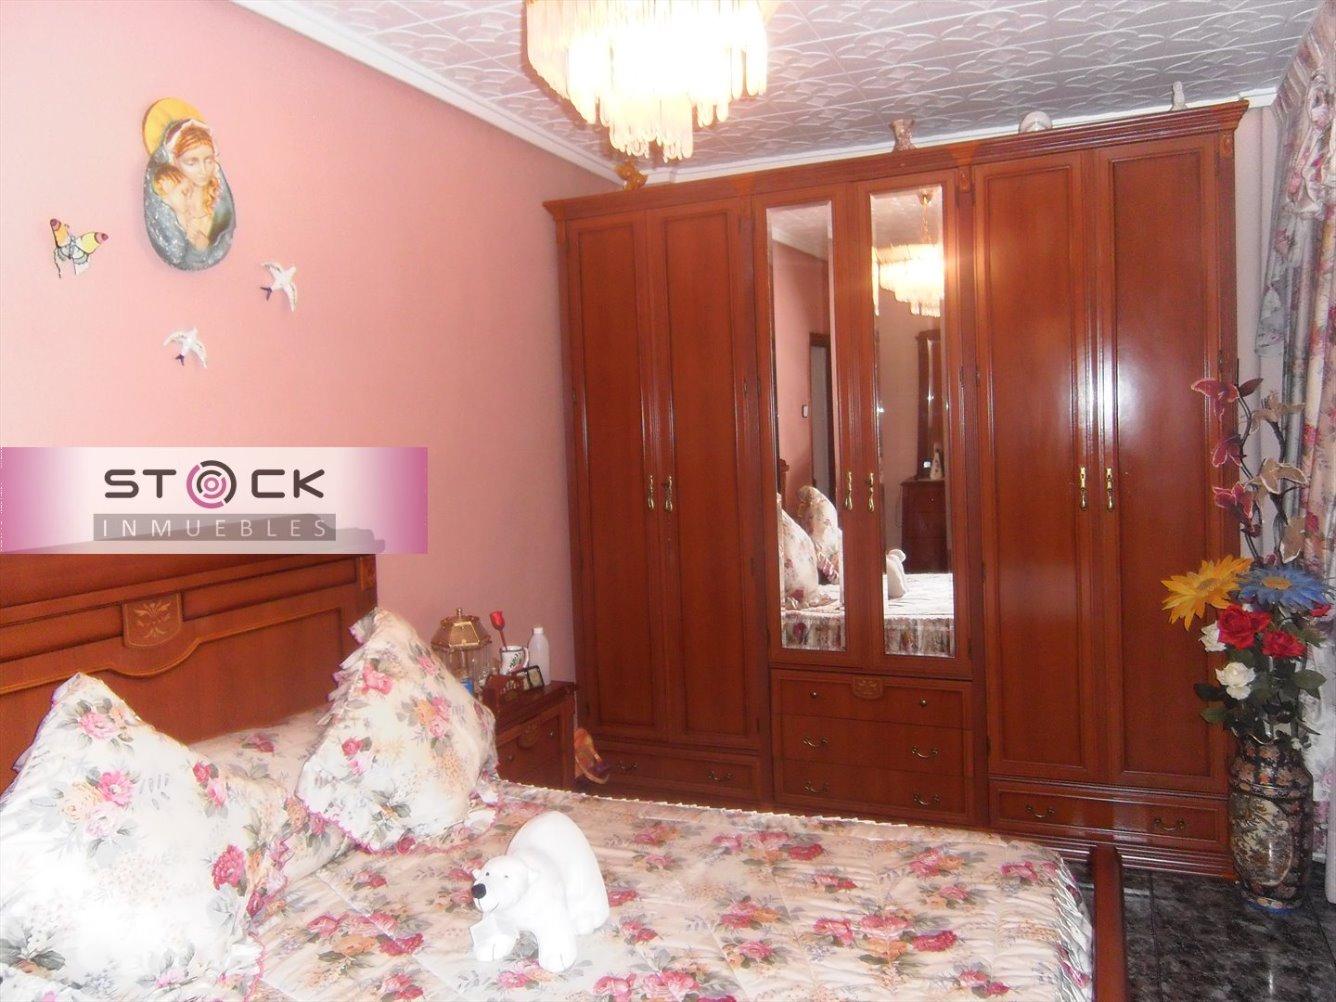 Pisocasas Com Inmobiliaria Stock_inmuebles En Zaragoza # Muebles Duquesa Villahermosa Zaragoza